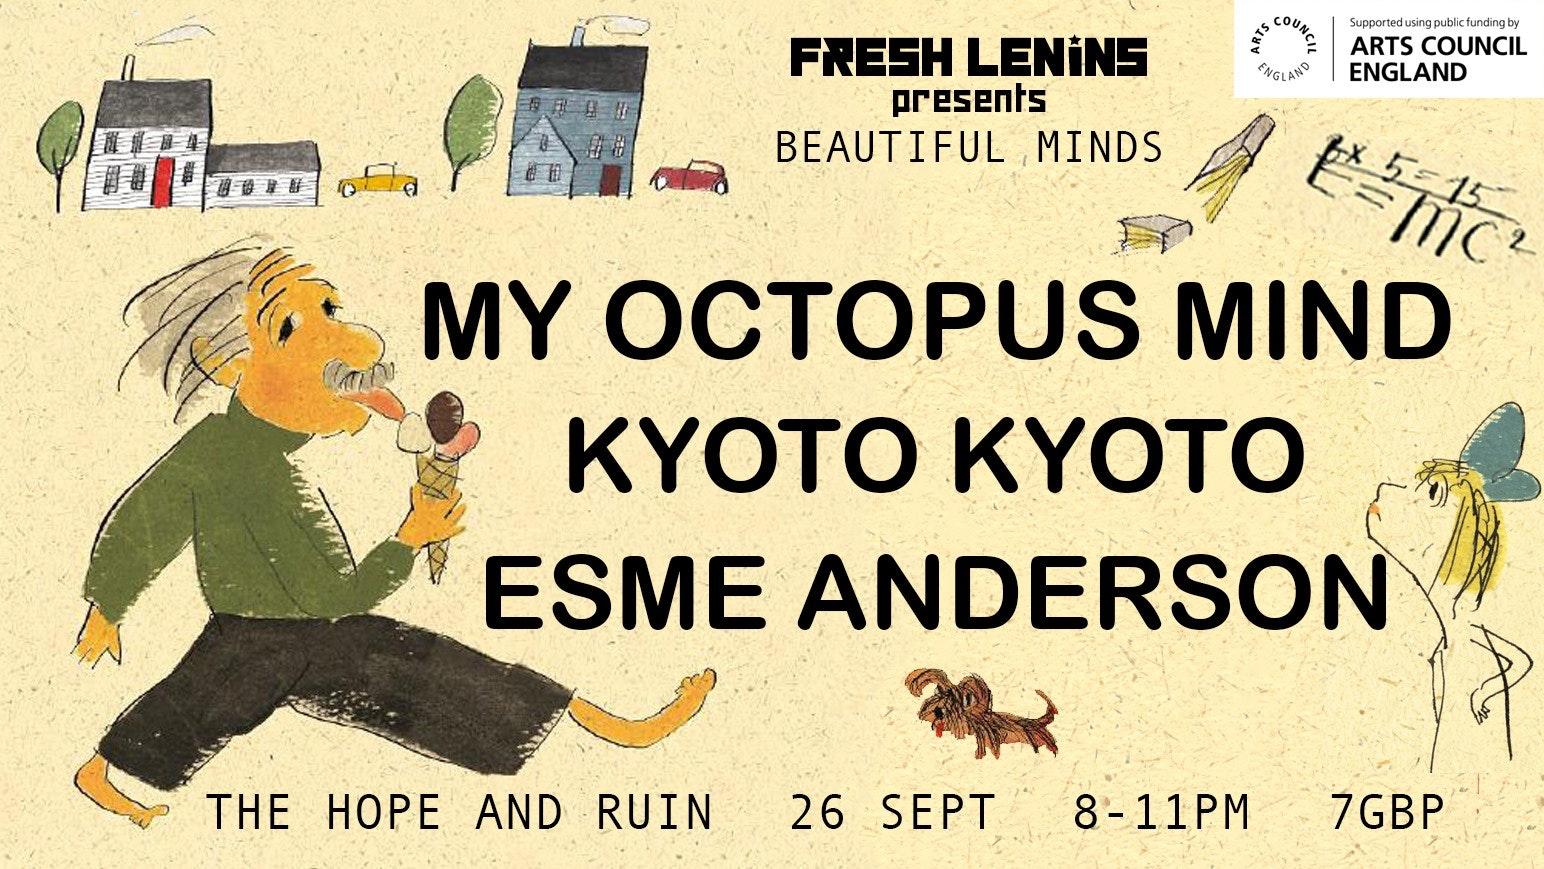 My Octopus Mind + Kyoto Kyoto + Esme Anderson